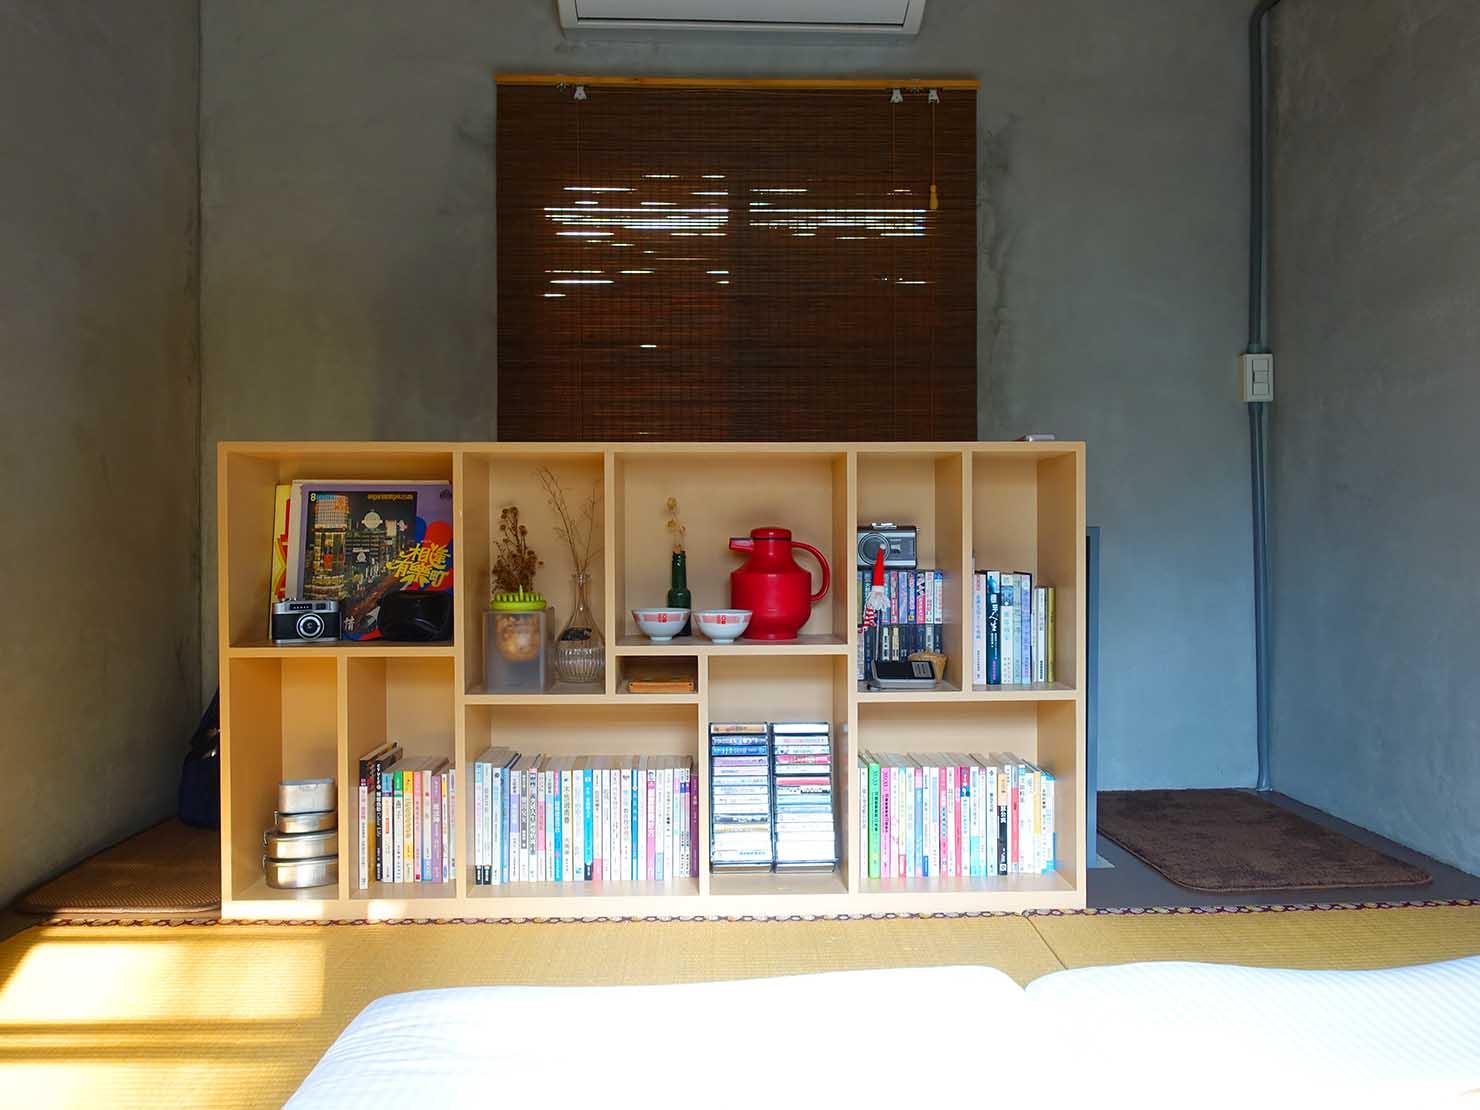 台南のおすすめ古民家ゲストハウス「永福97.1」アティックキャビン2Fの棚